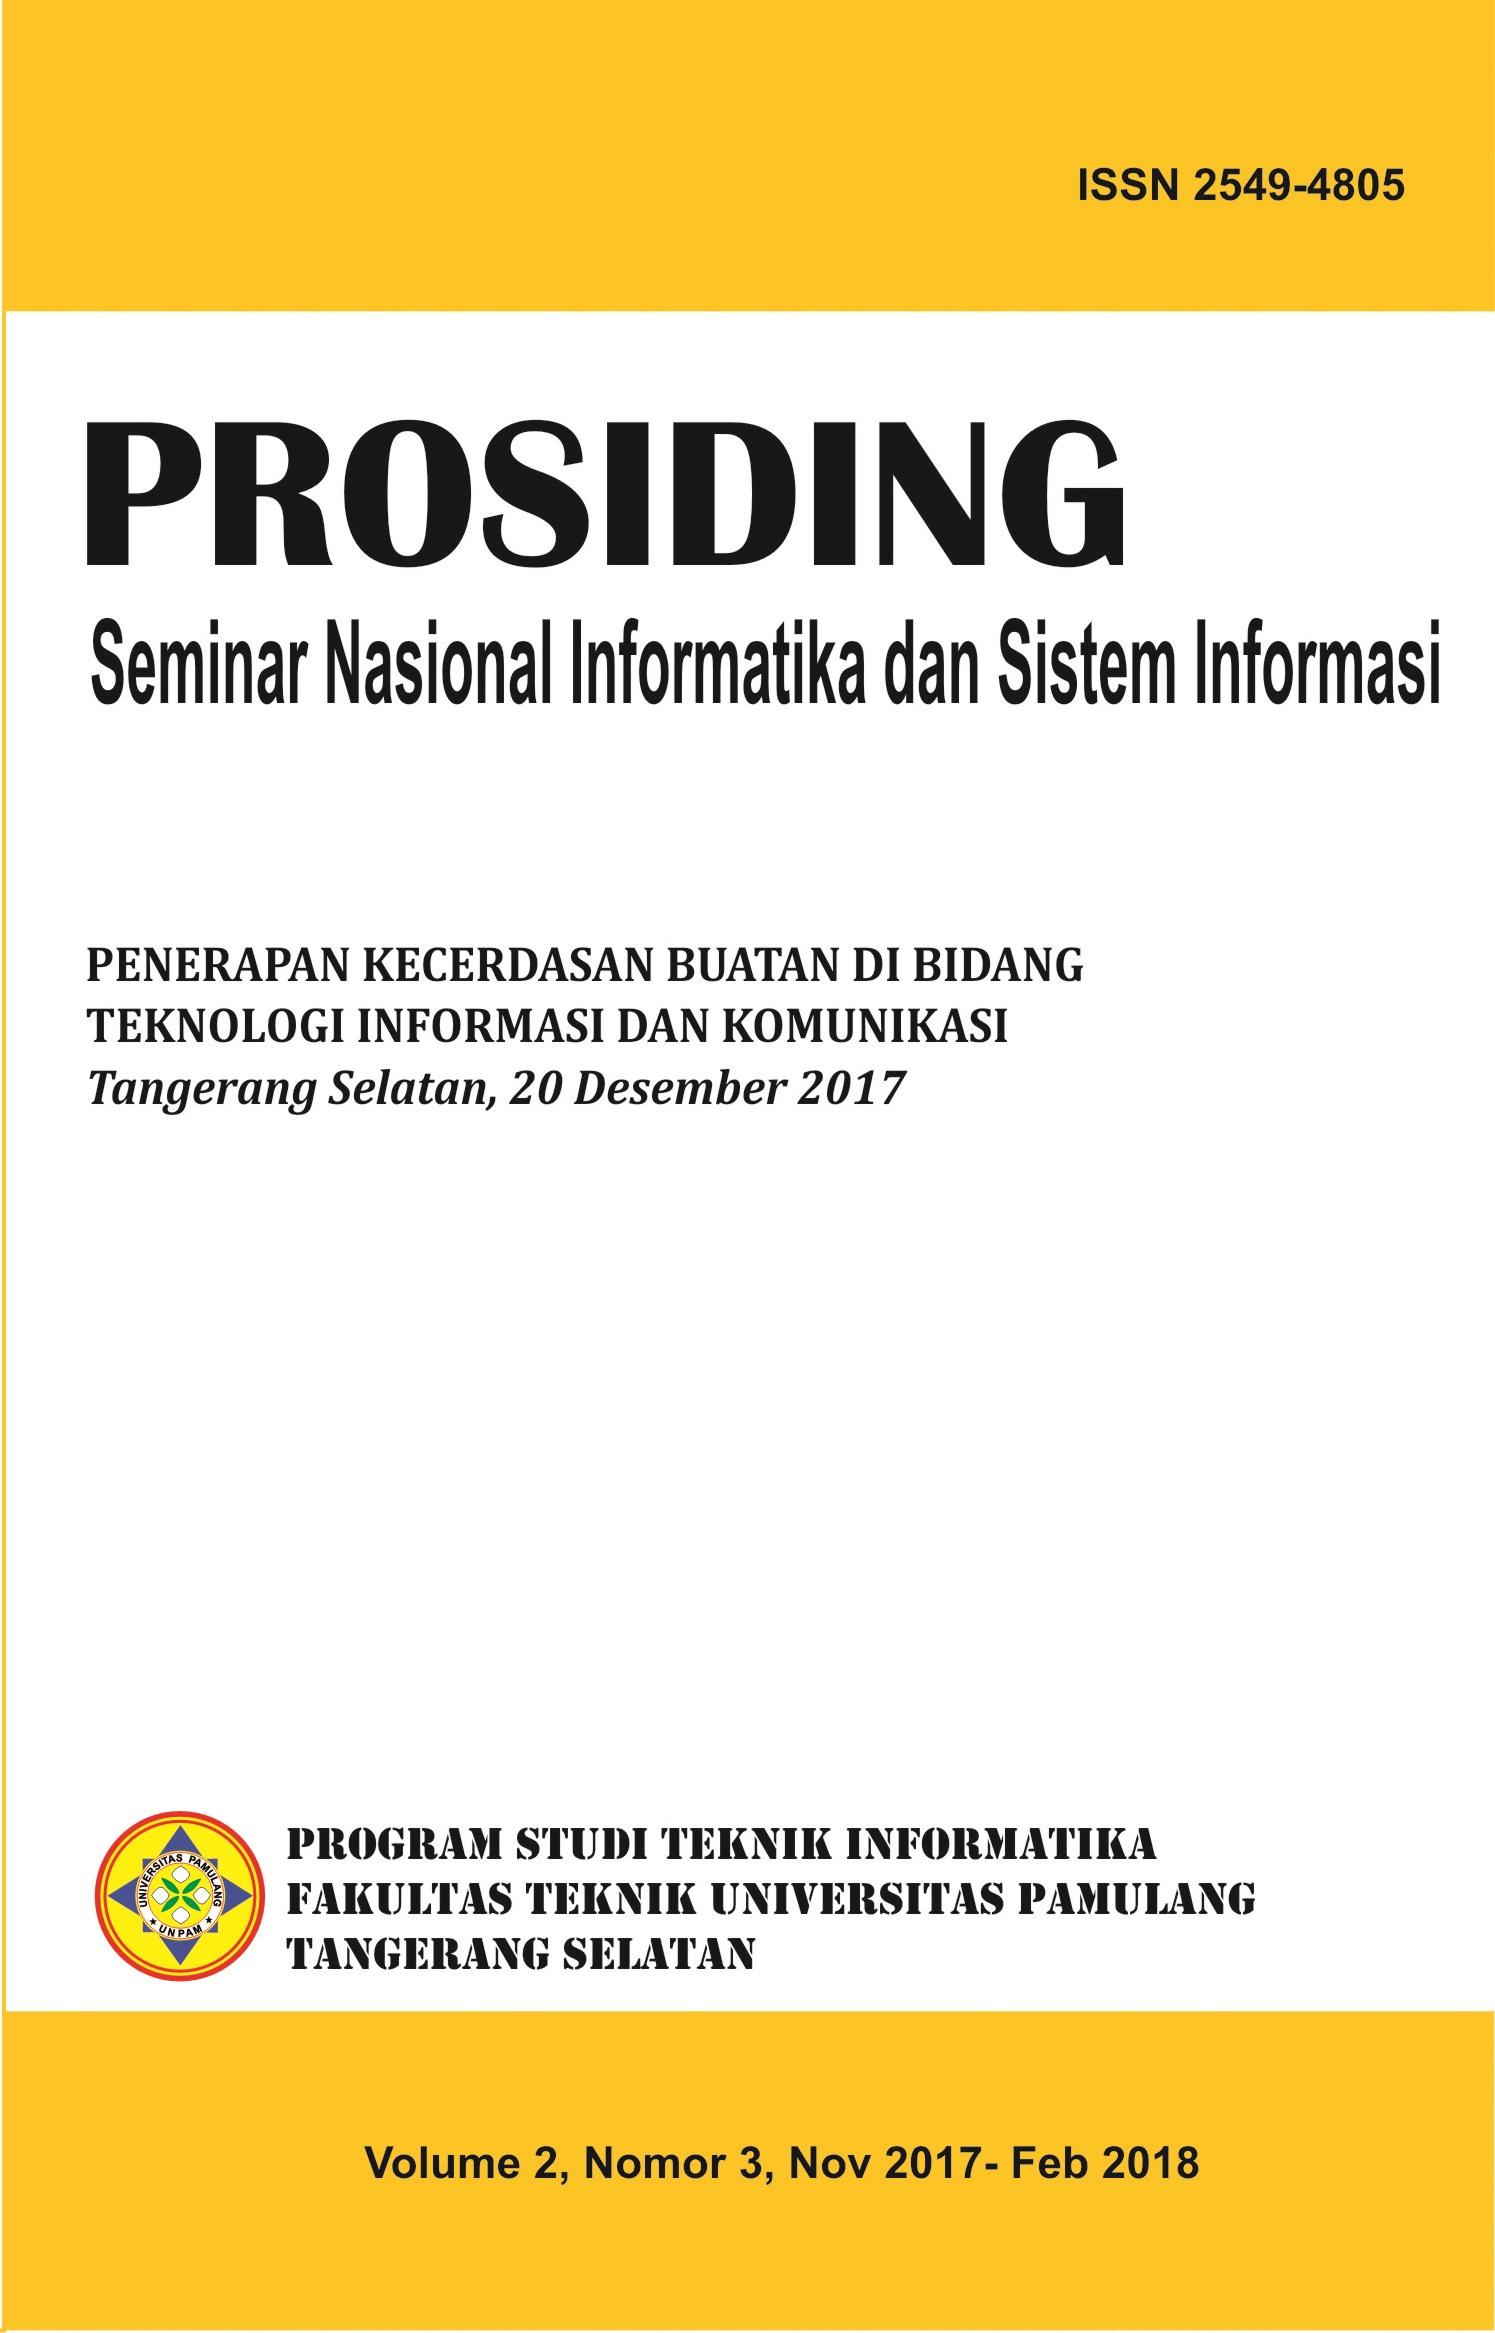 Vol. 2 No.3 : Penerapan Kecerdasan Buatan di Bidang Teknologi Informasi dan Komunikasi